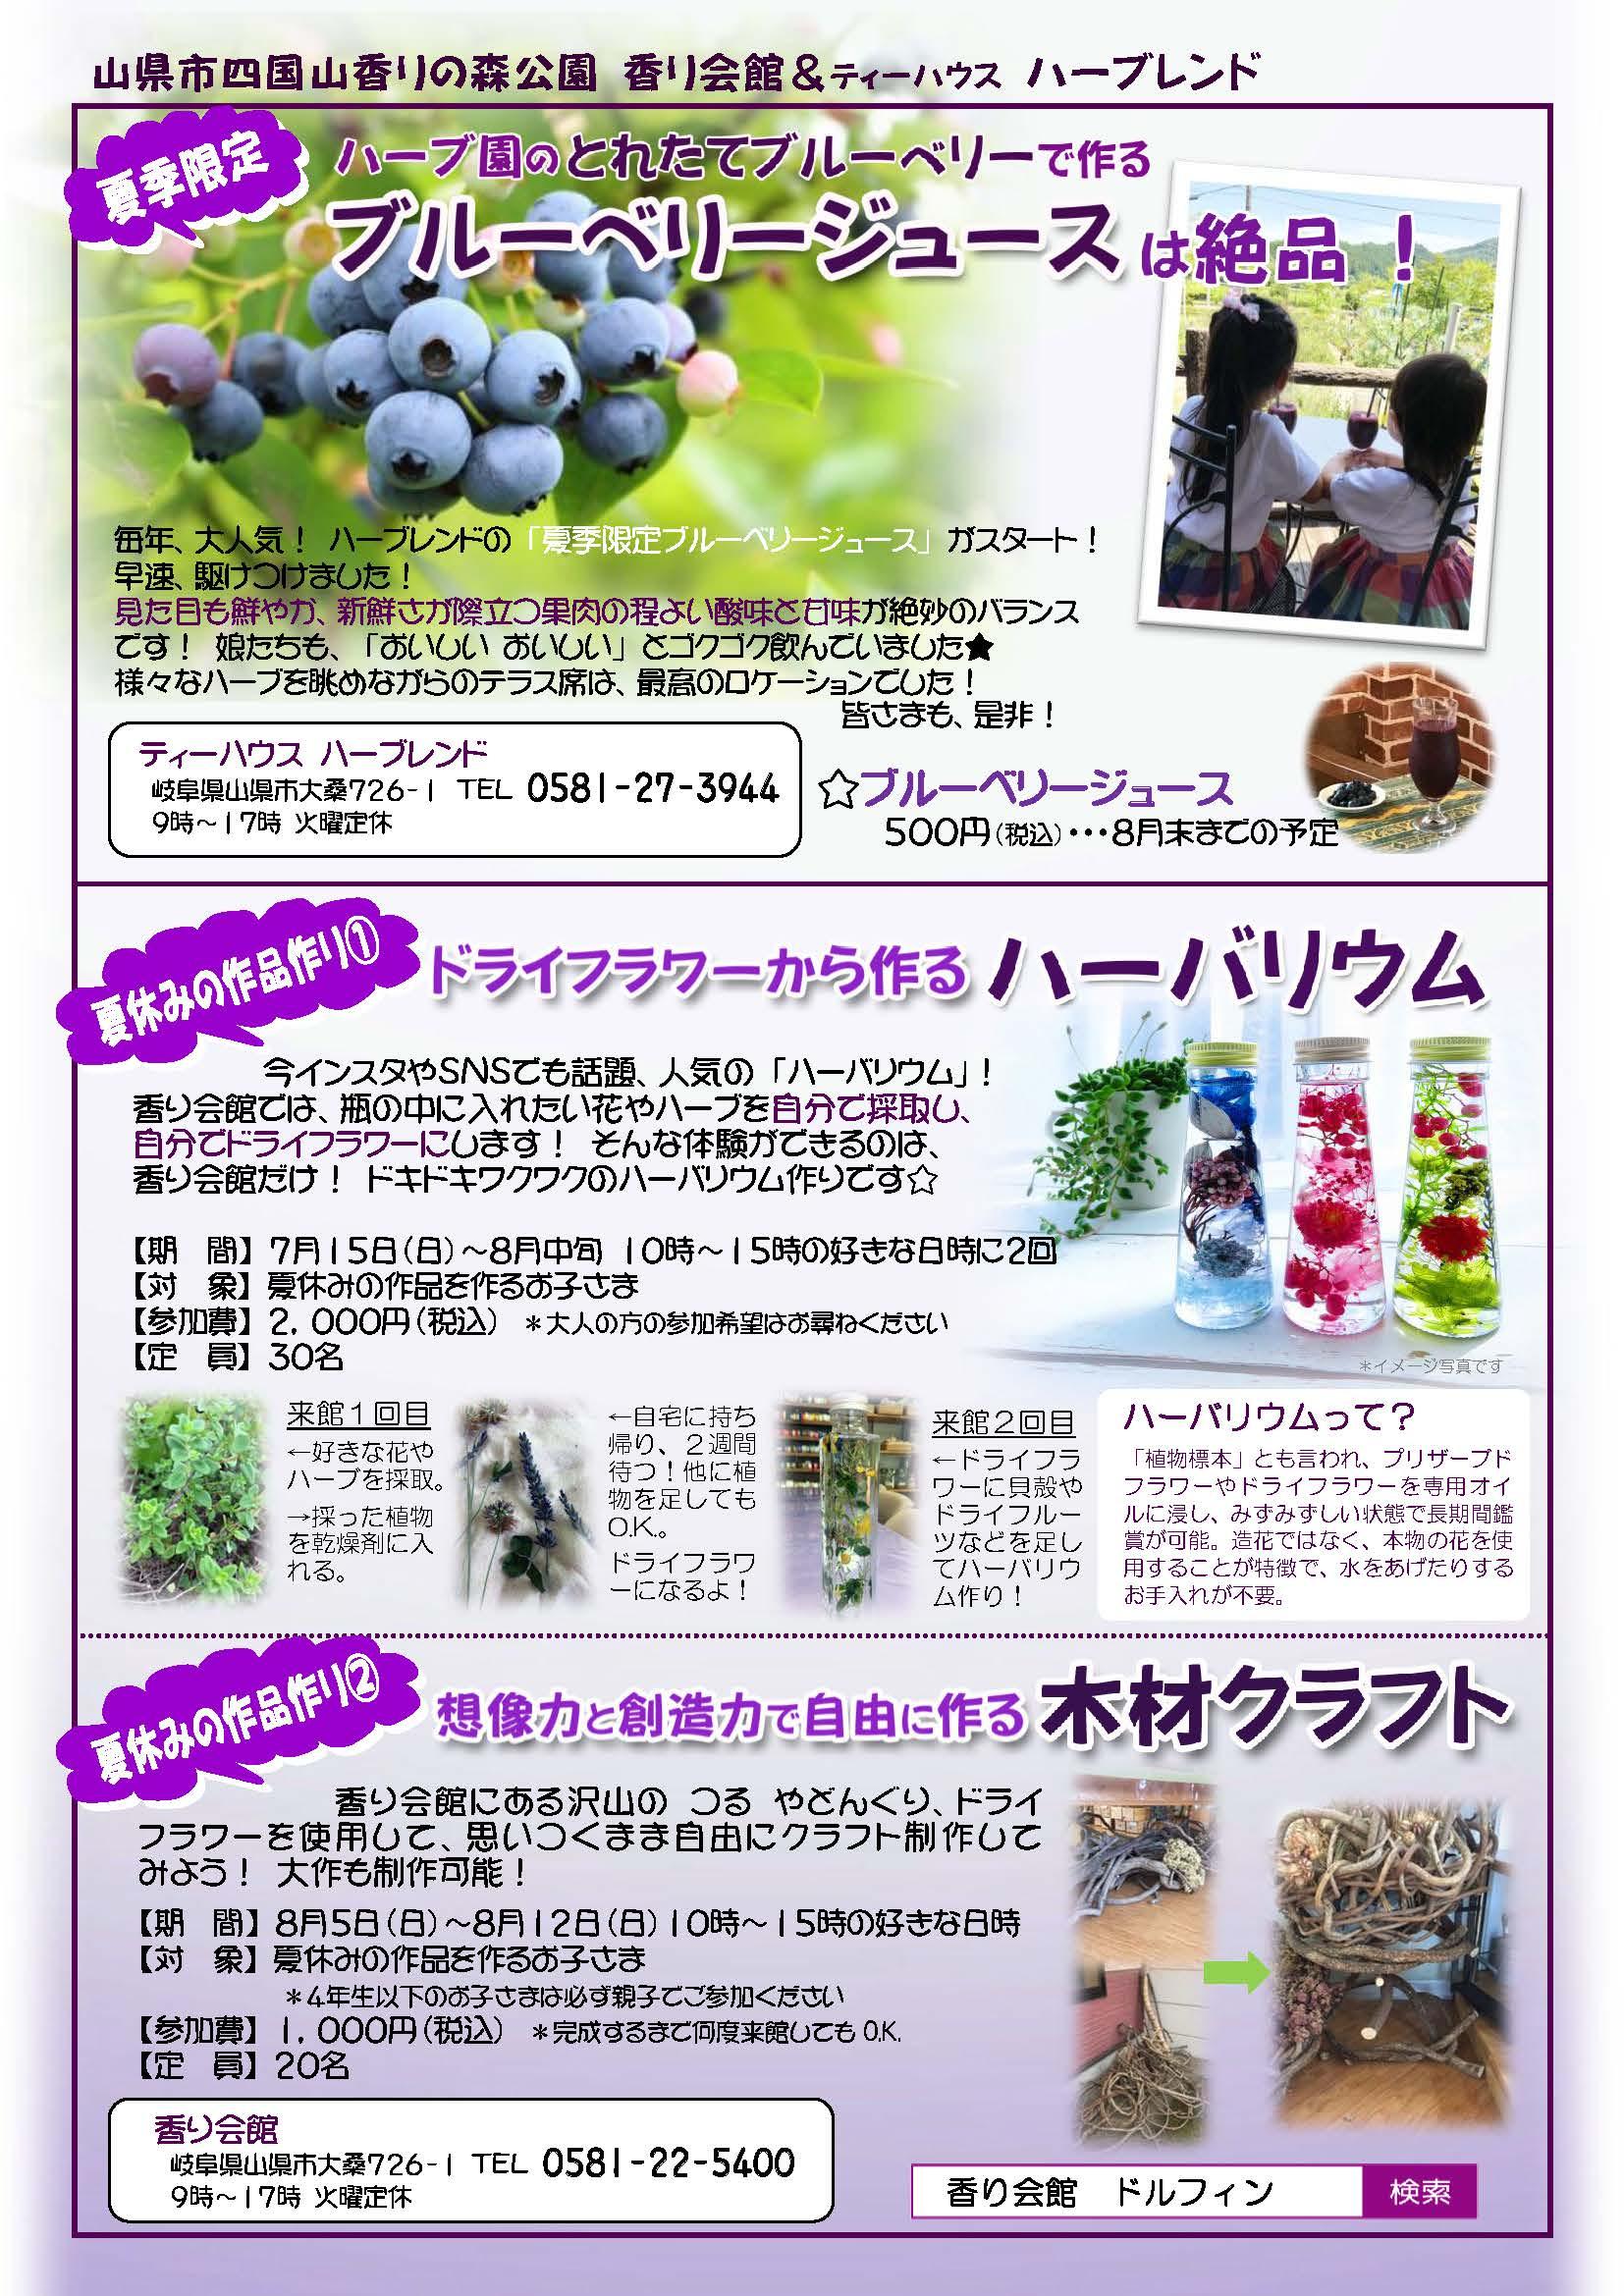 ドルフィン広報誌8月号校了_ページ_5